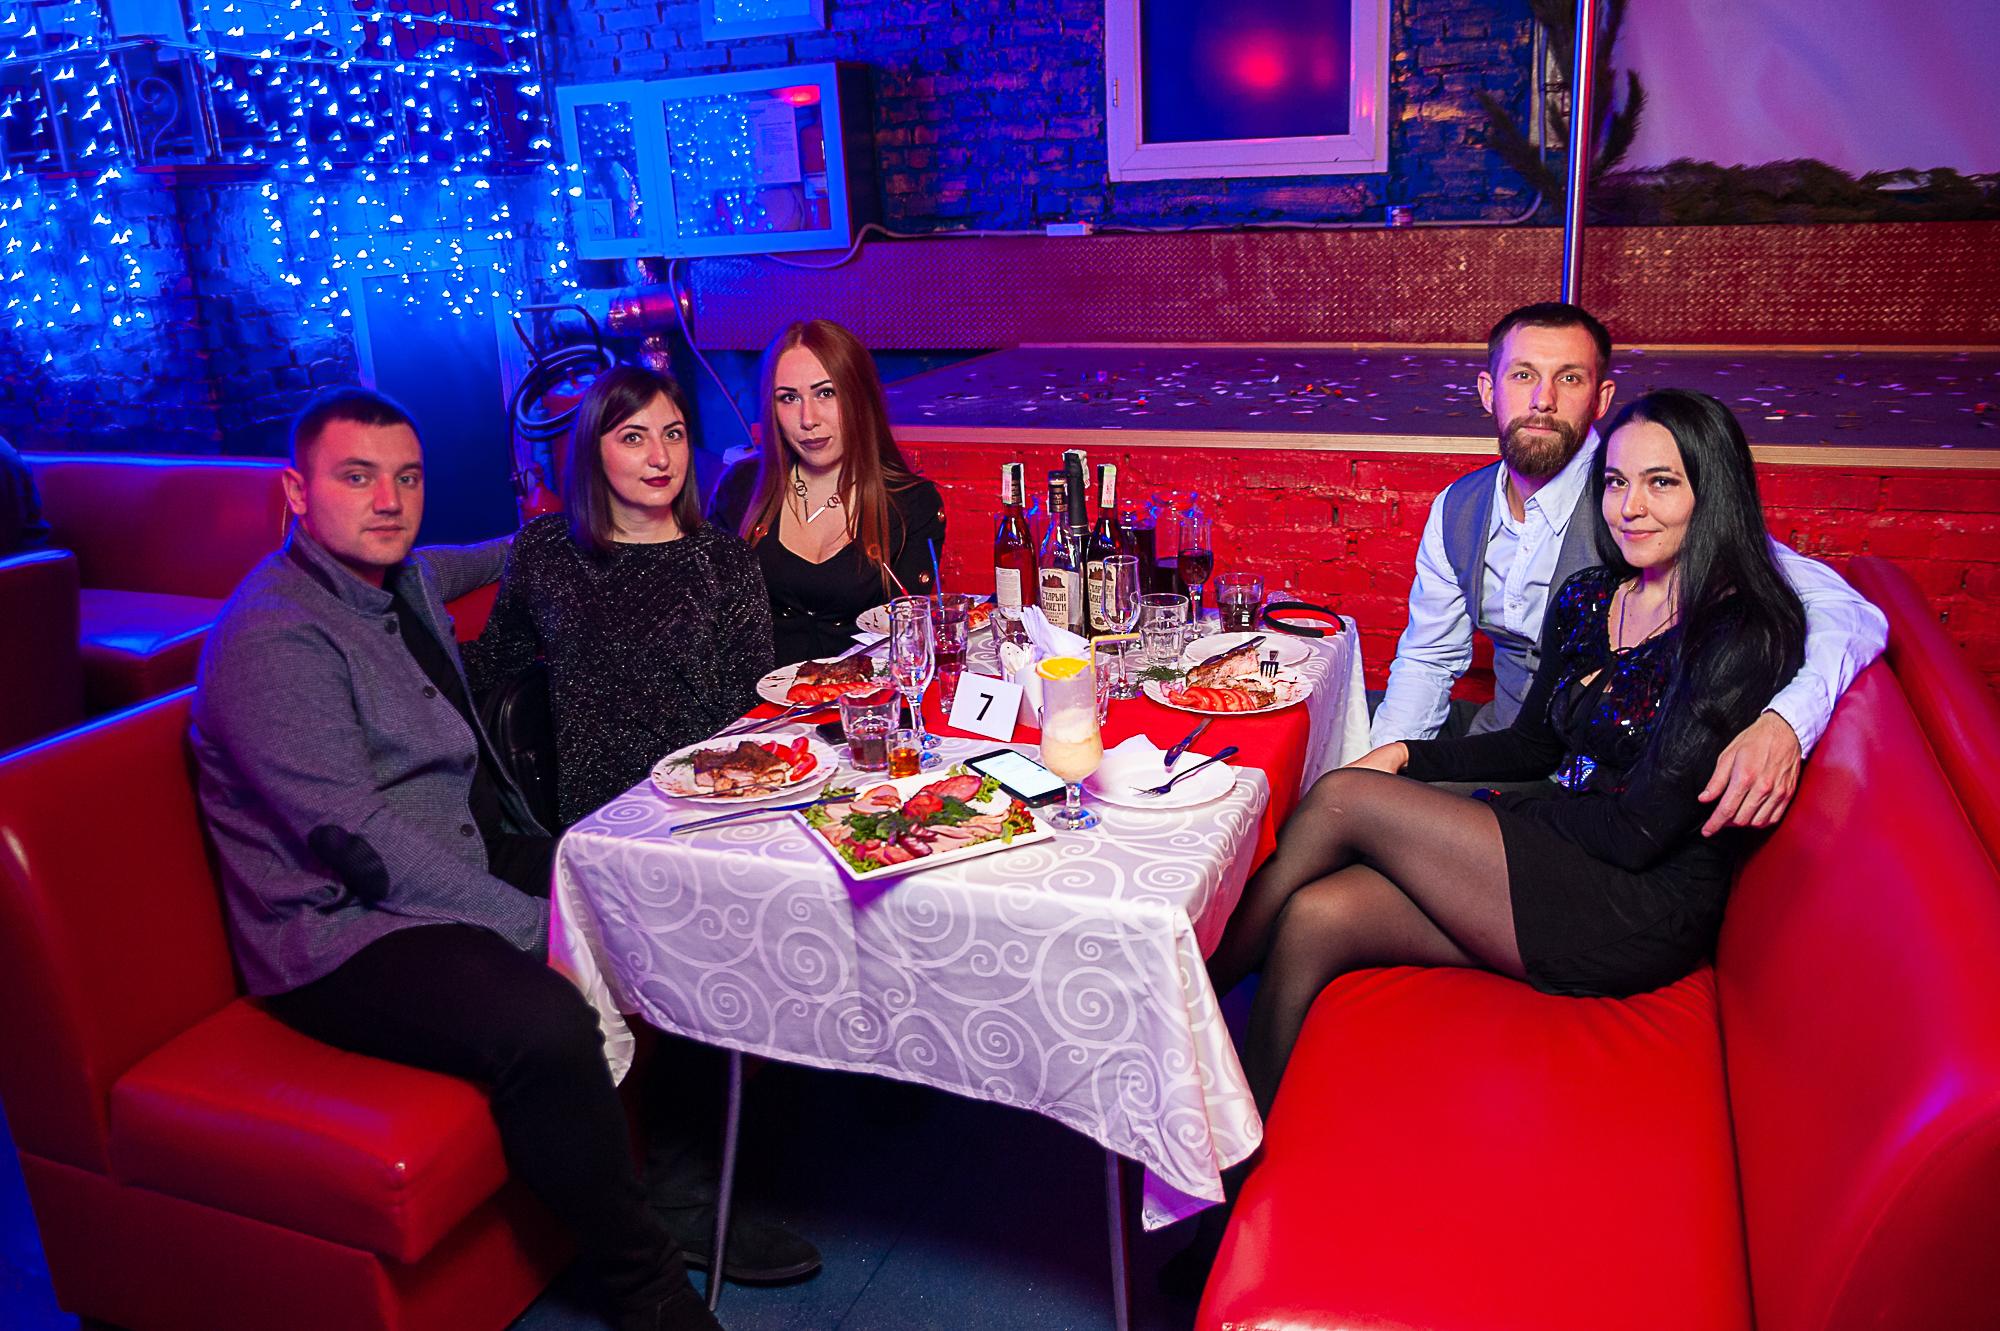 Ночные клубы город гагарин эротическое шоу белье